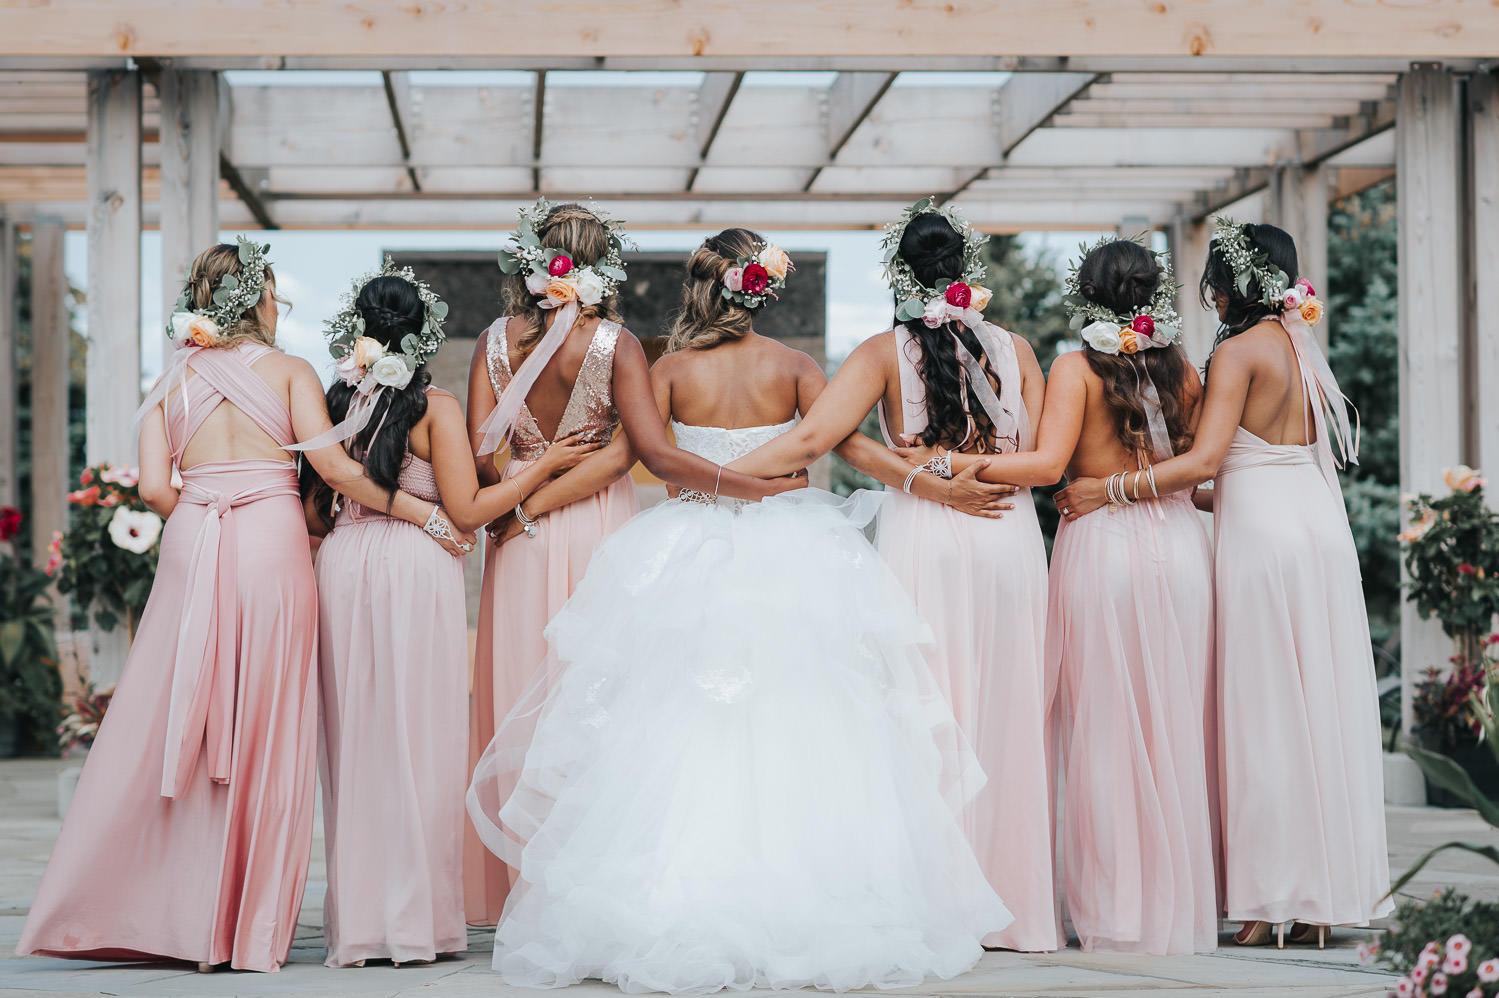 Bridesmaids at a Toronto Outdoor Wedding Photo